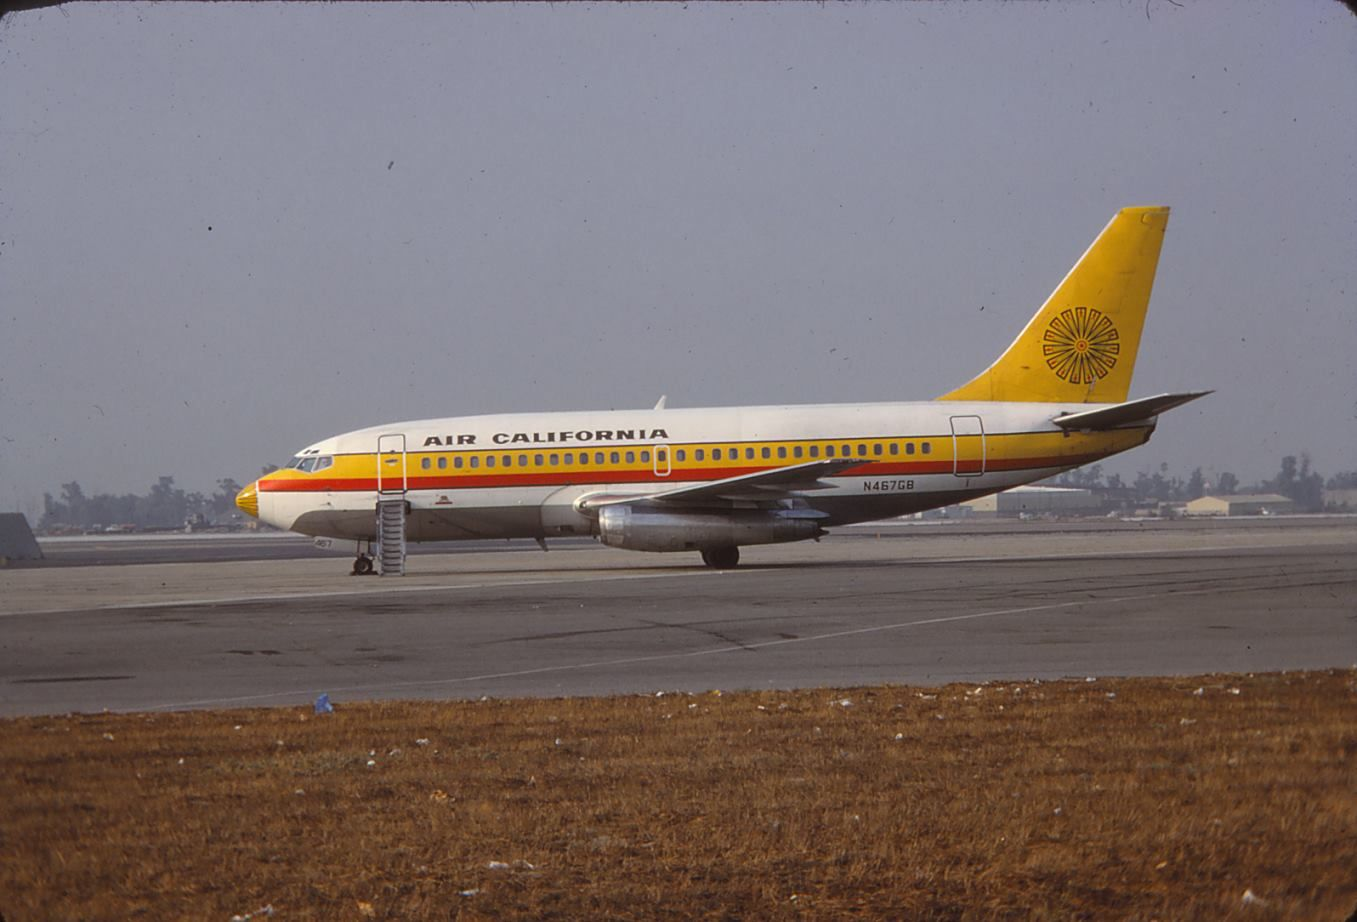 Air California 737200 Airlines branding, American